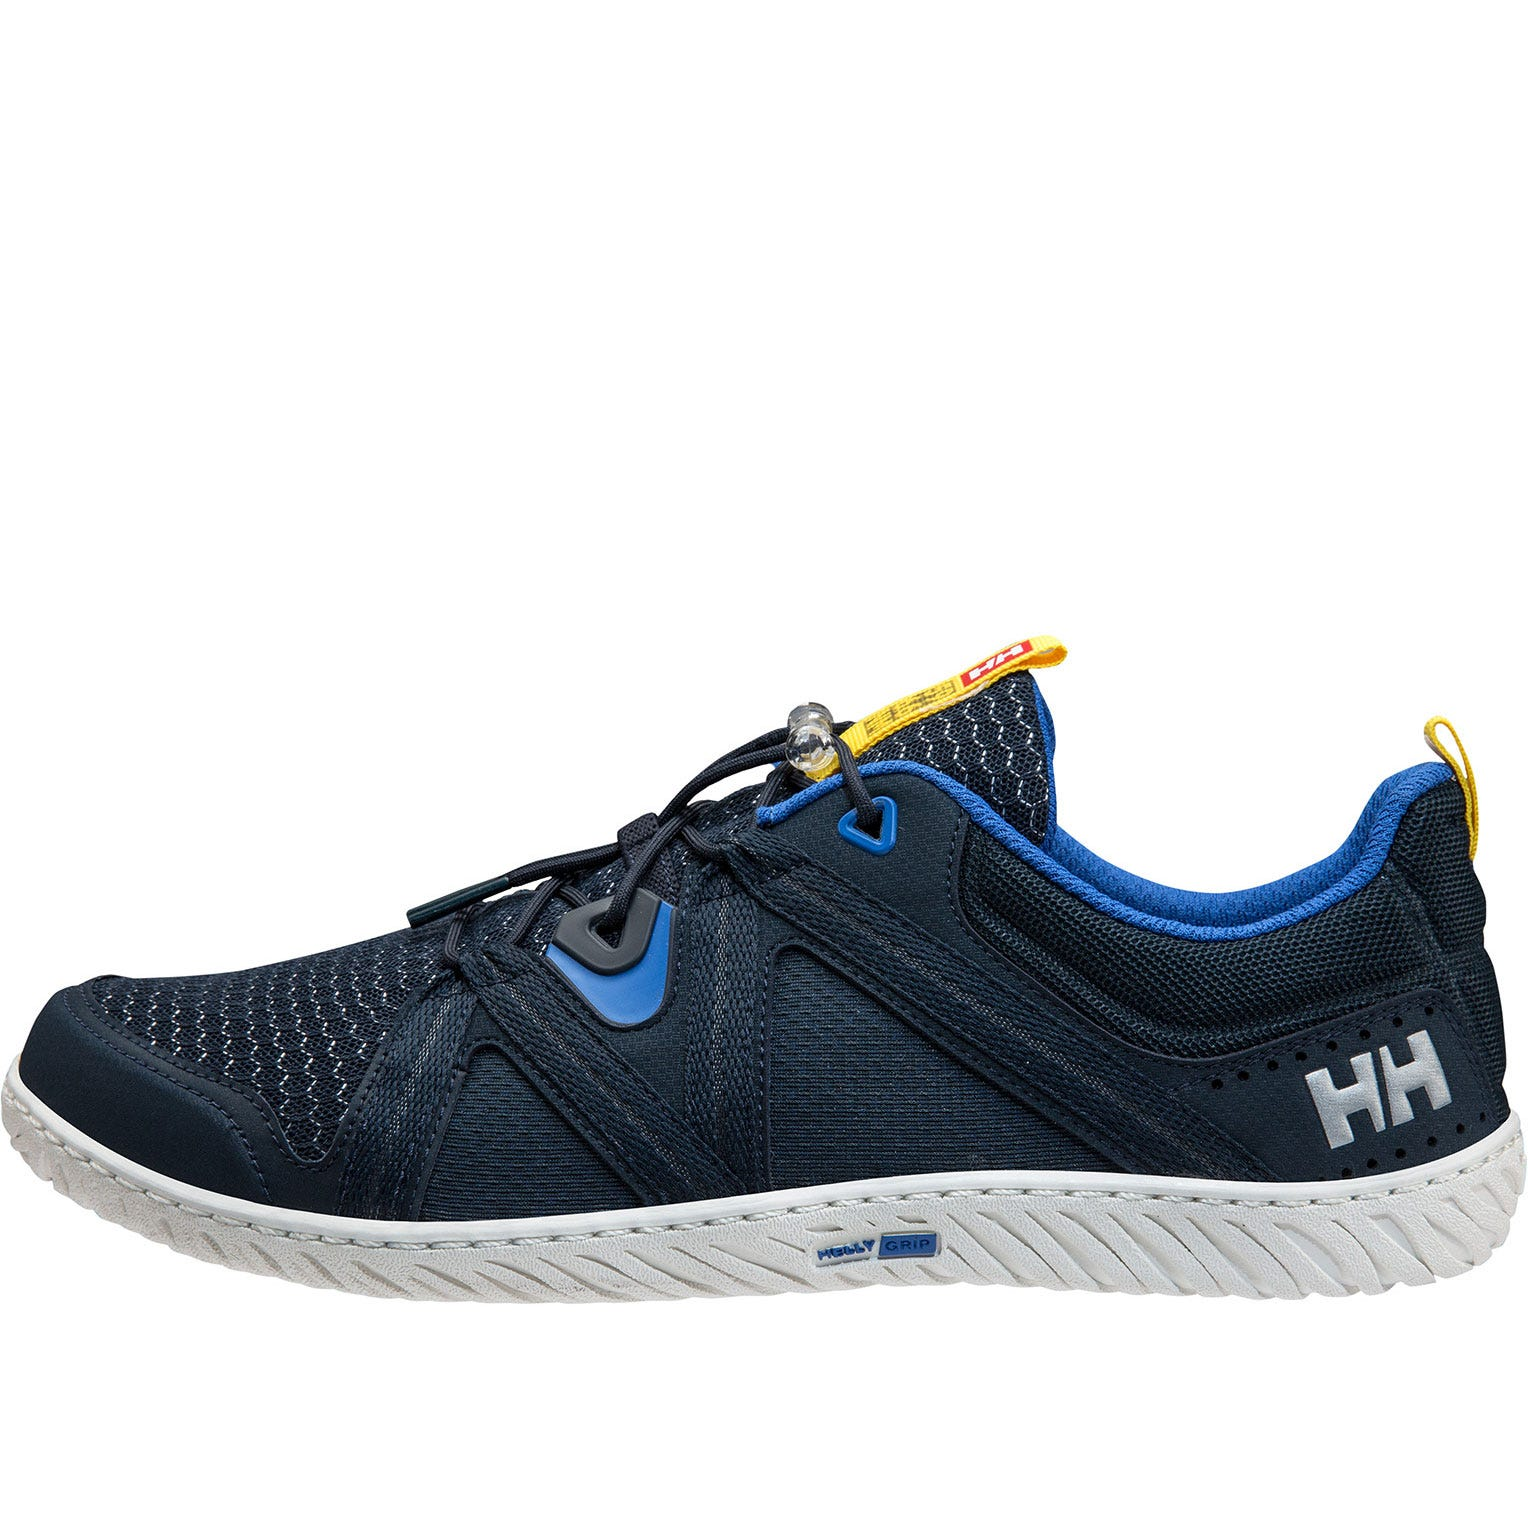 HP Foil F1 | Chaussures De Voile Sports Nautiques | HH FR